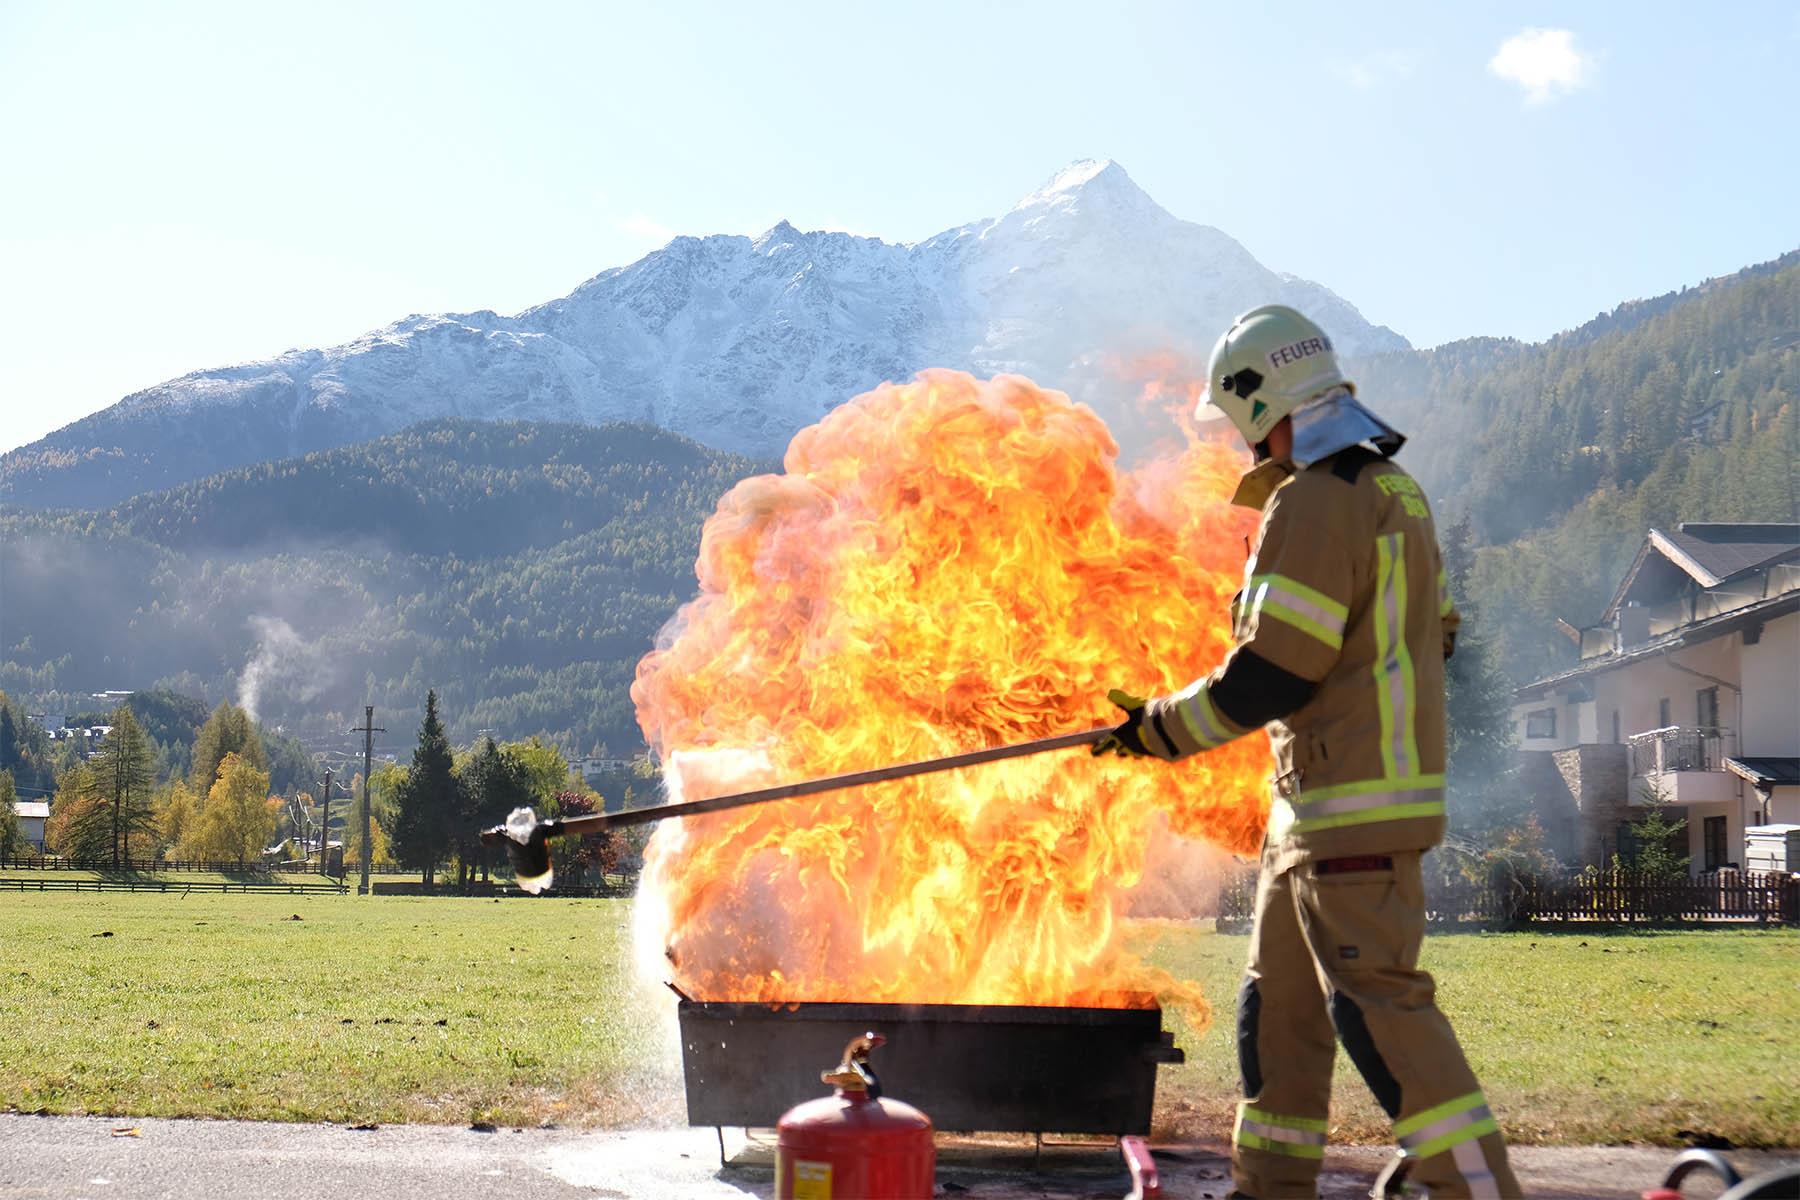 Feuerlöschübung für Mitarbeiter im Hotel Das Cental in Sölden